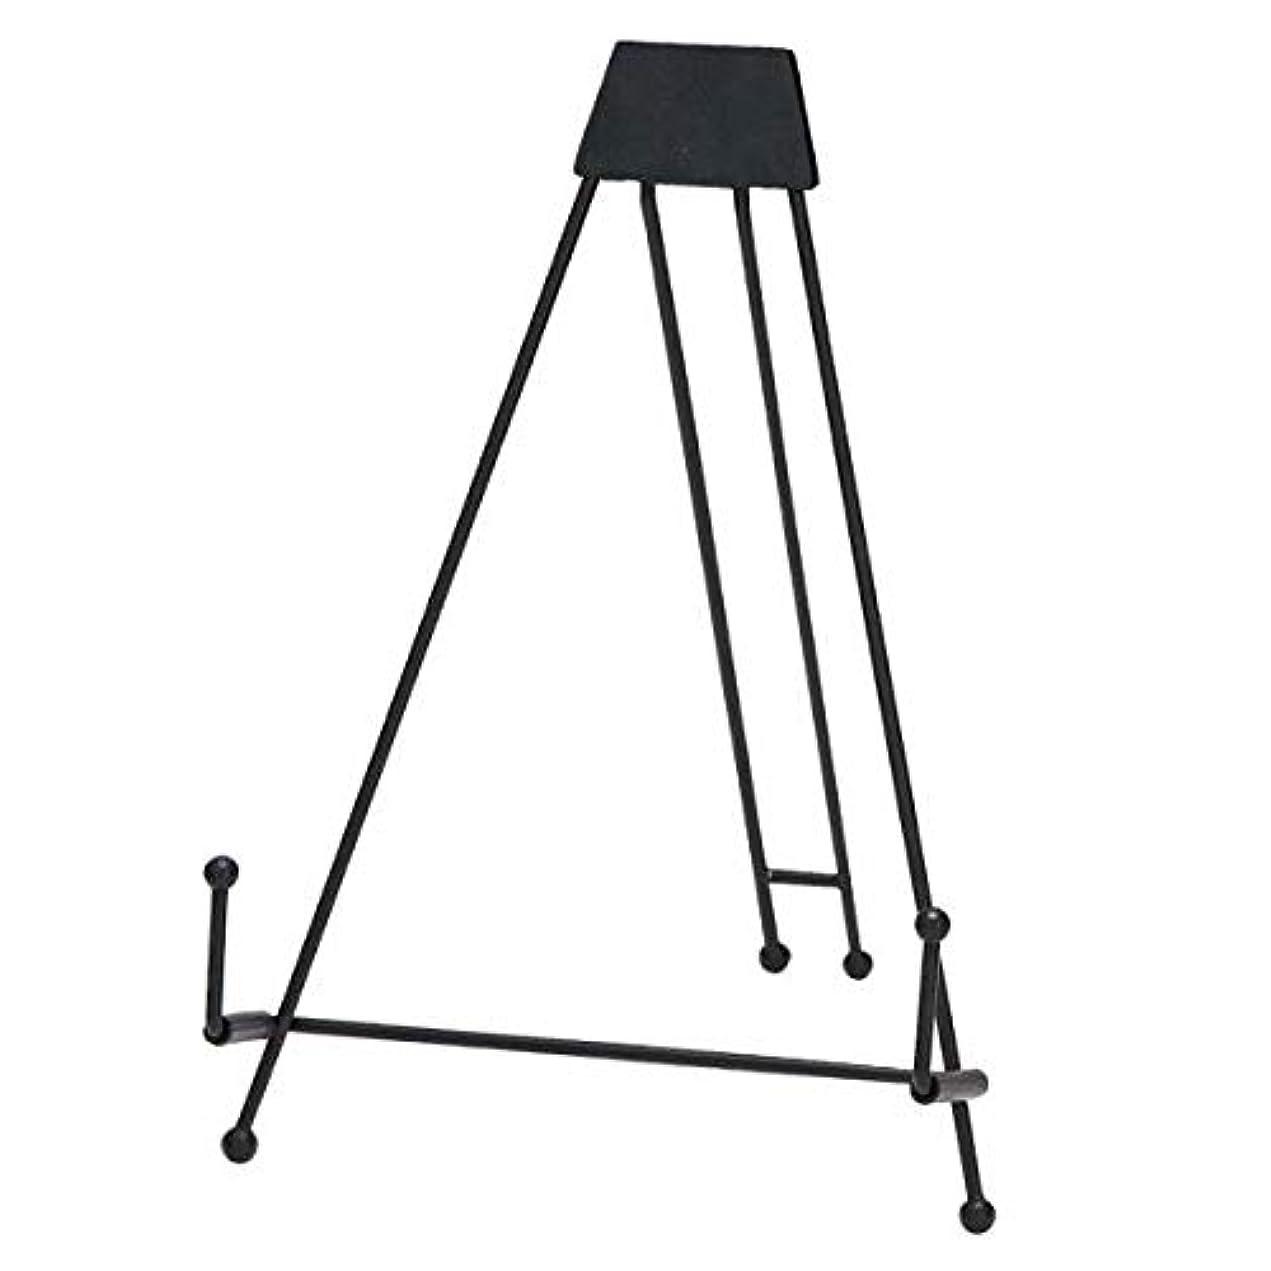 ホバー肘掛け椅子ホイップスチール製イーゼル。 ユーパワー スチールイーゼル Lサイズ ブラック WE-01311 〈簡易梱包